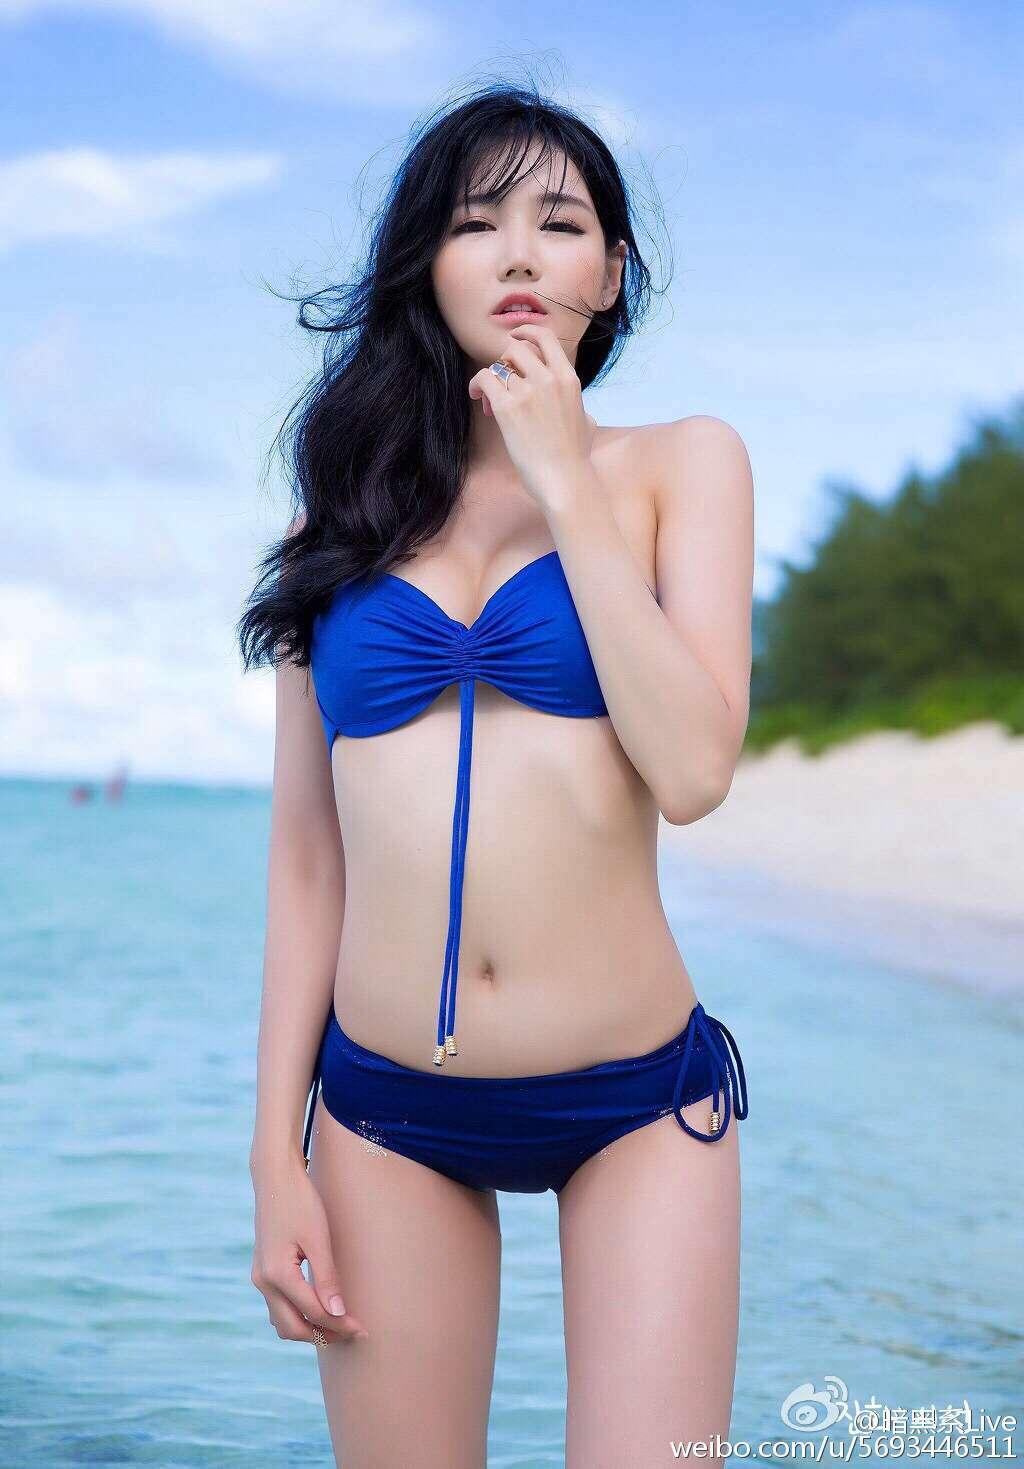 性感白皙美女诱人泳装